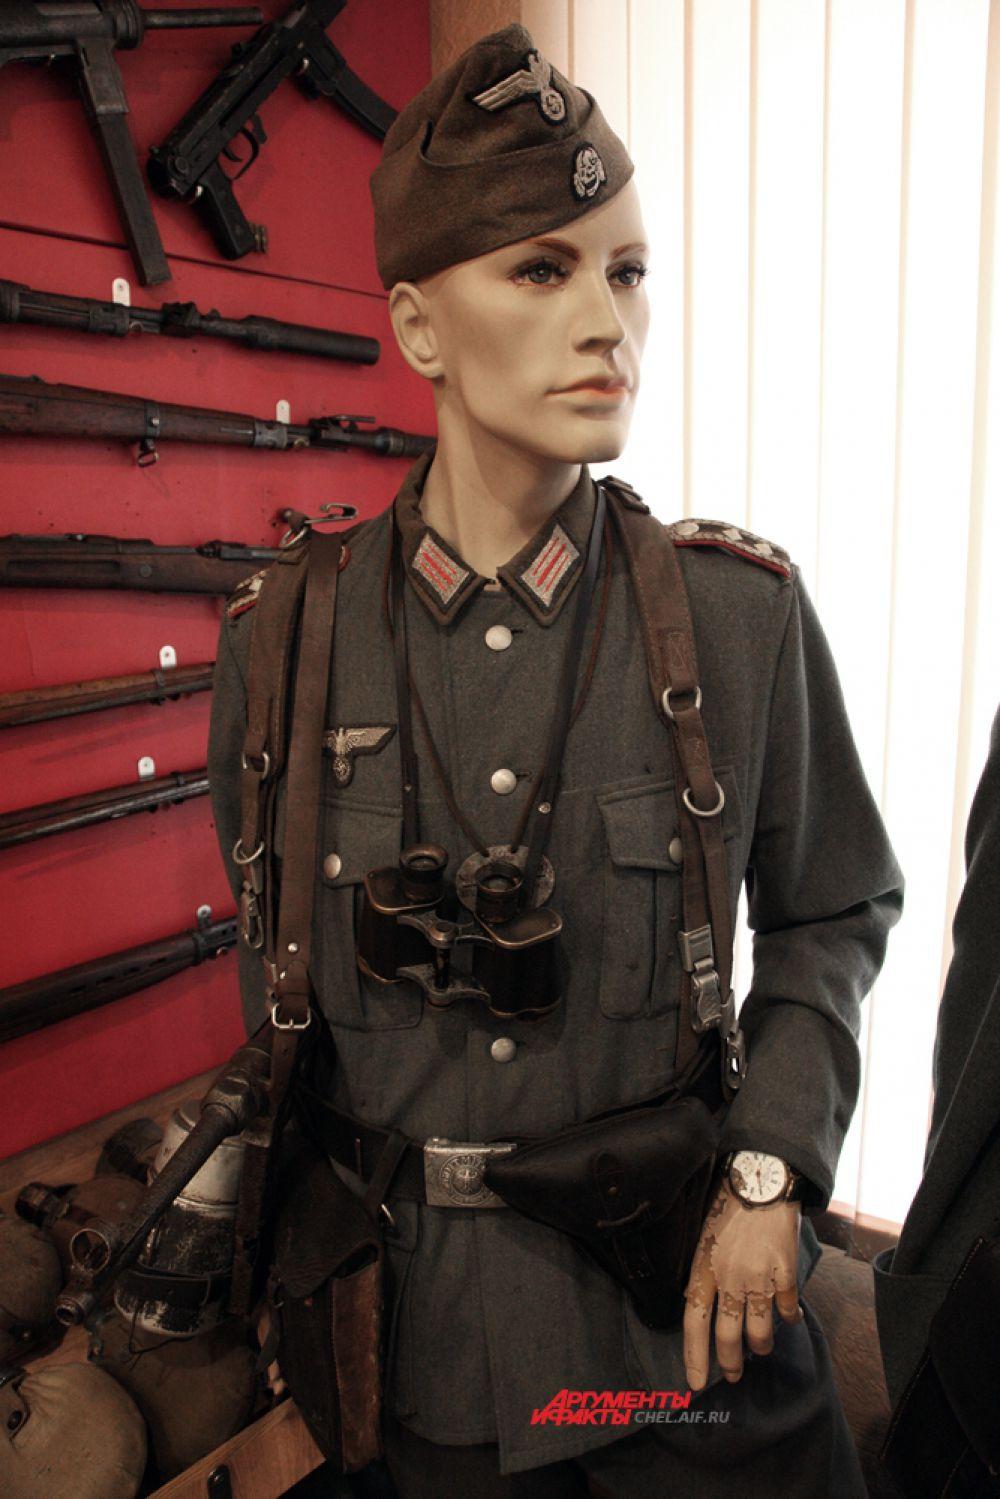 Обер фельдфебель полевой жандармерии в танковой пилотке